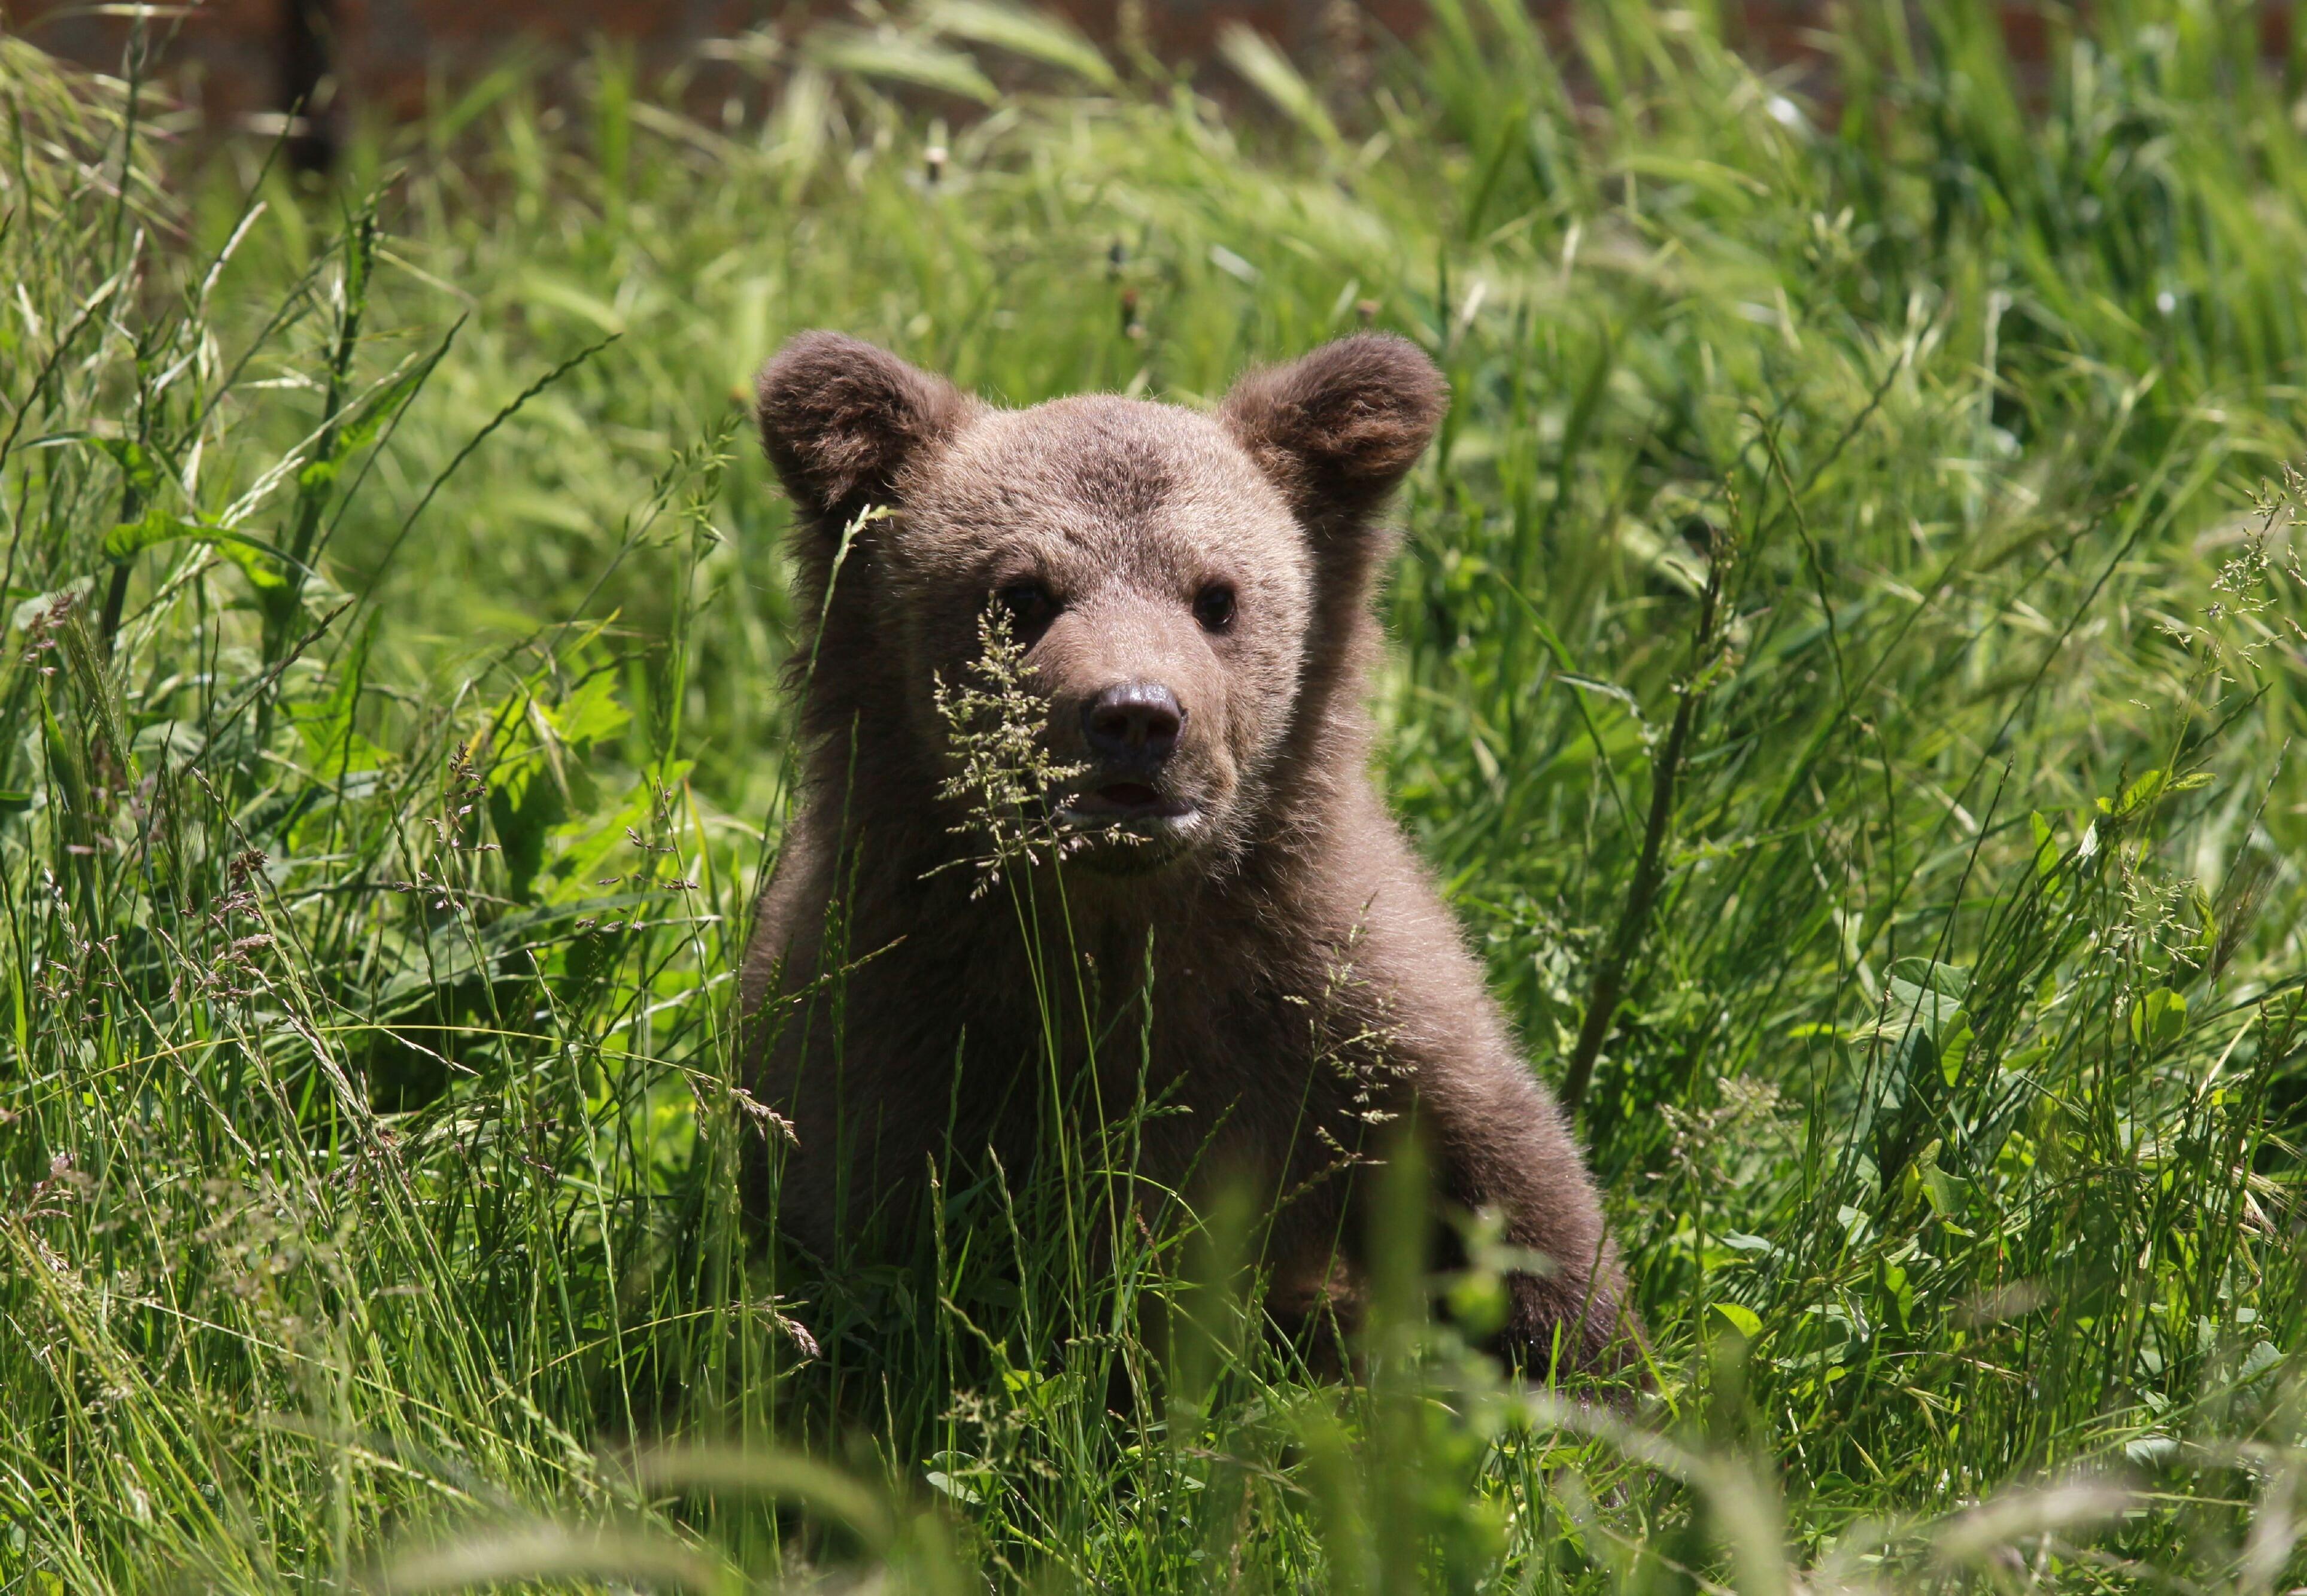 Bärenjunge nach der Freilassung im VIER PFOTEN Bärenwald (c) VIER PFOTEN   Hazir Reka